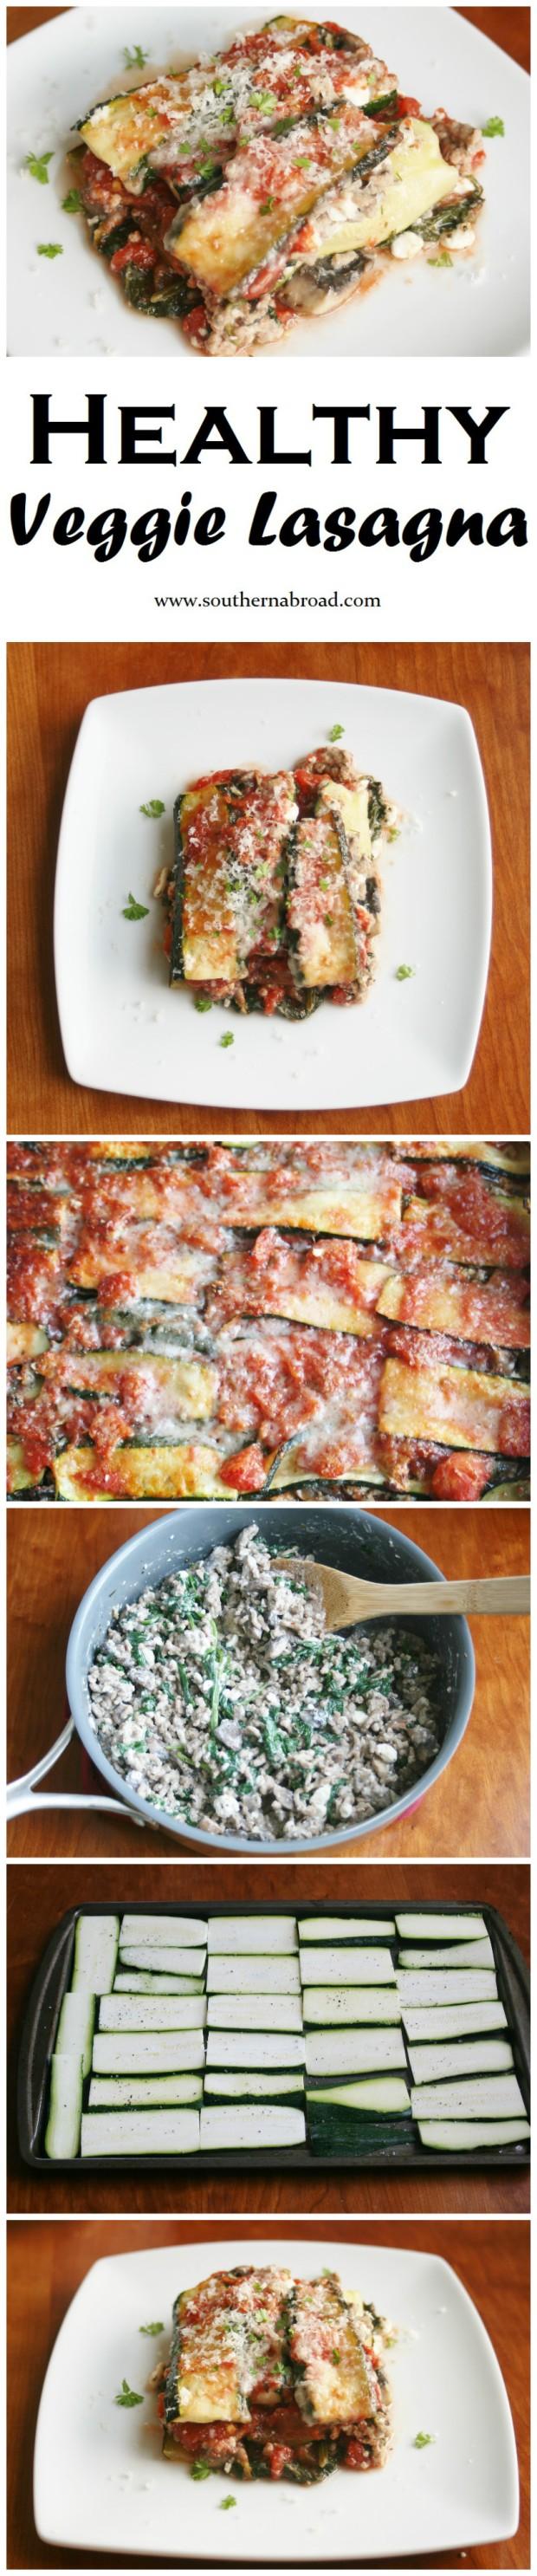 Healthy Veggie Lasagna